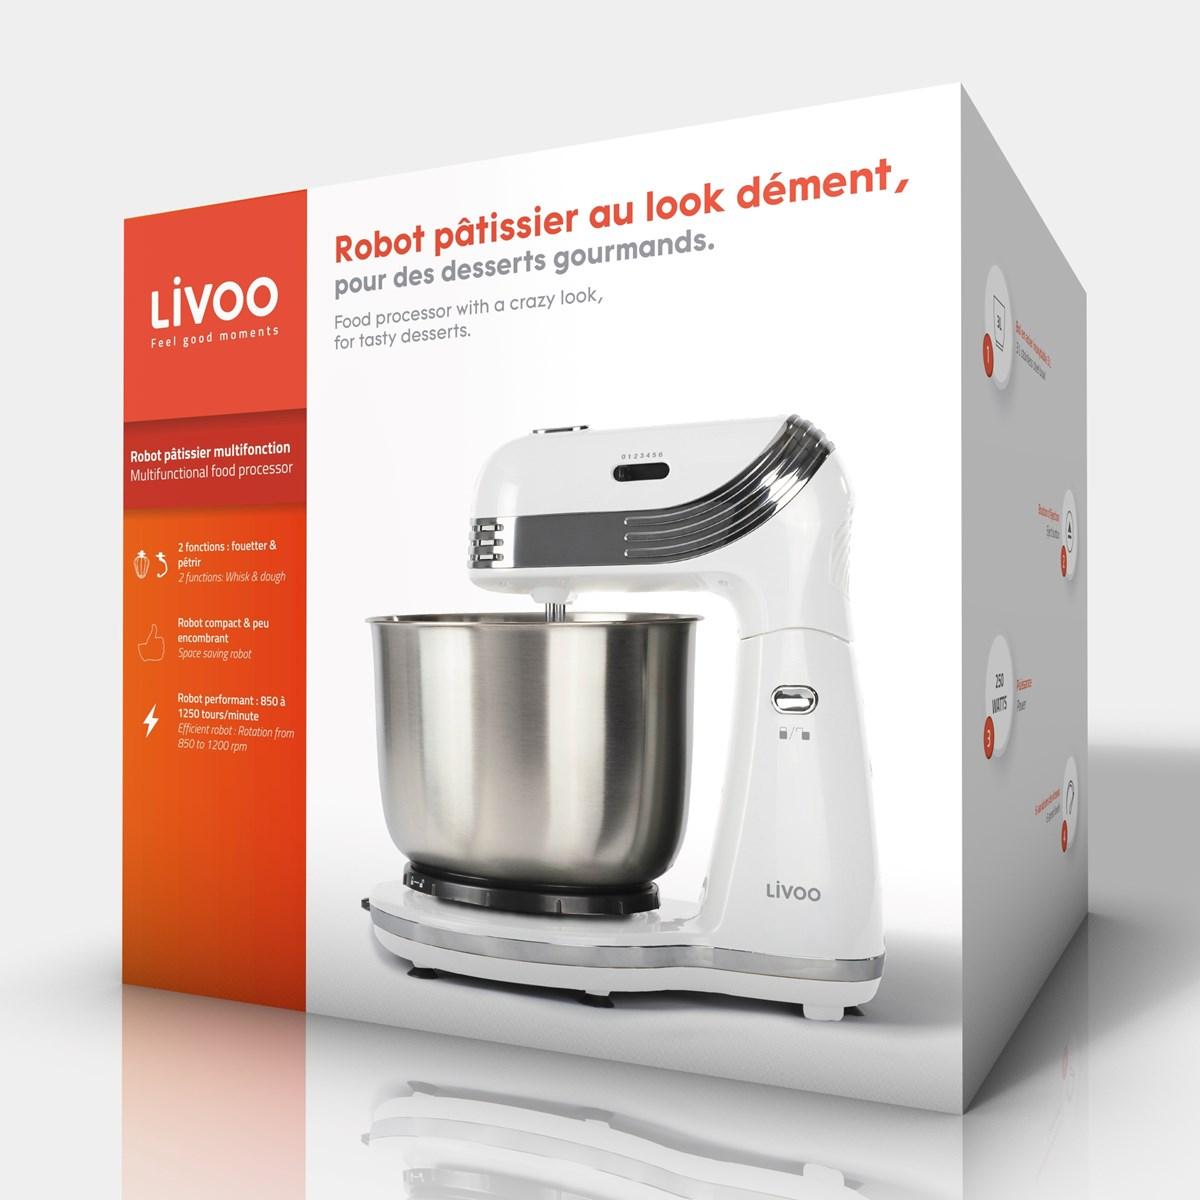 LIVOO-Robot-patissier-multifonction miniature 12